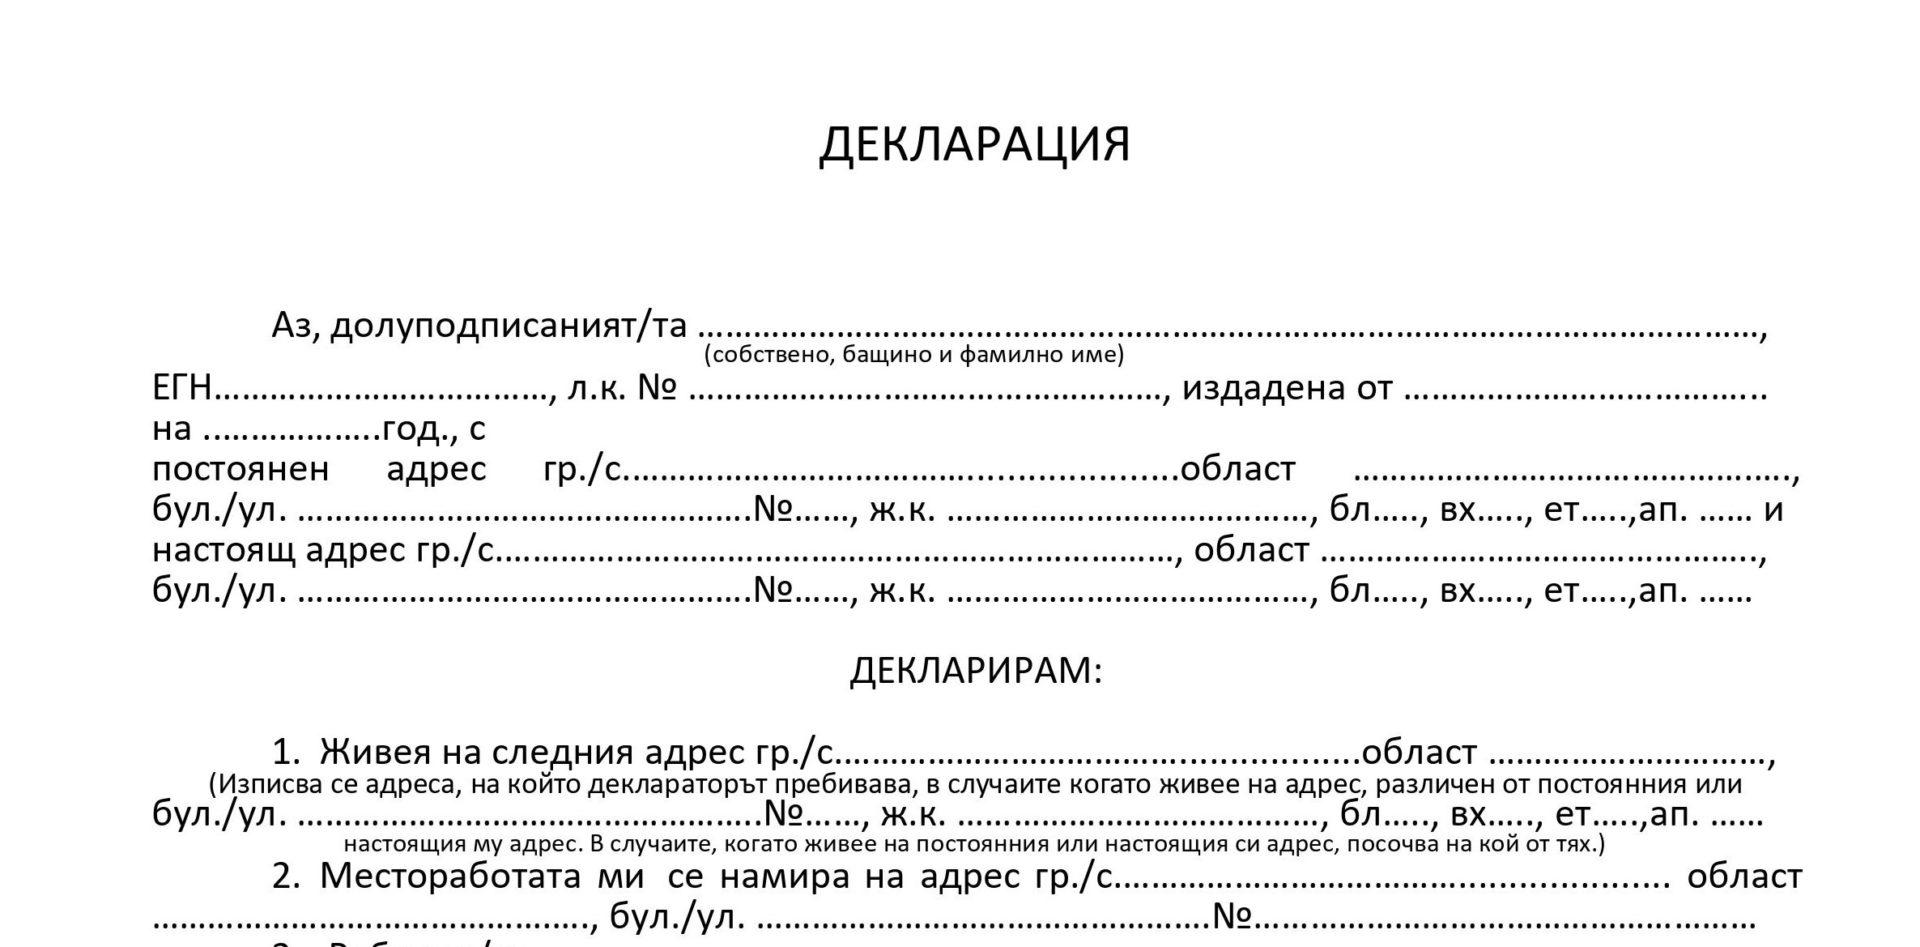 Декларация для пересечения КПП (контрольно-пропускных пунктов) в региональных городах Болгарии.